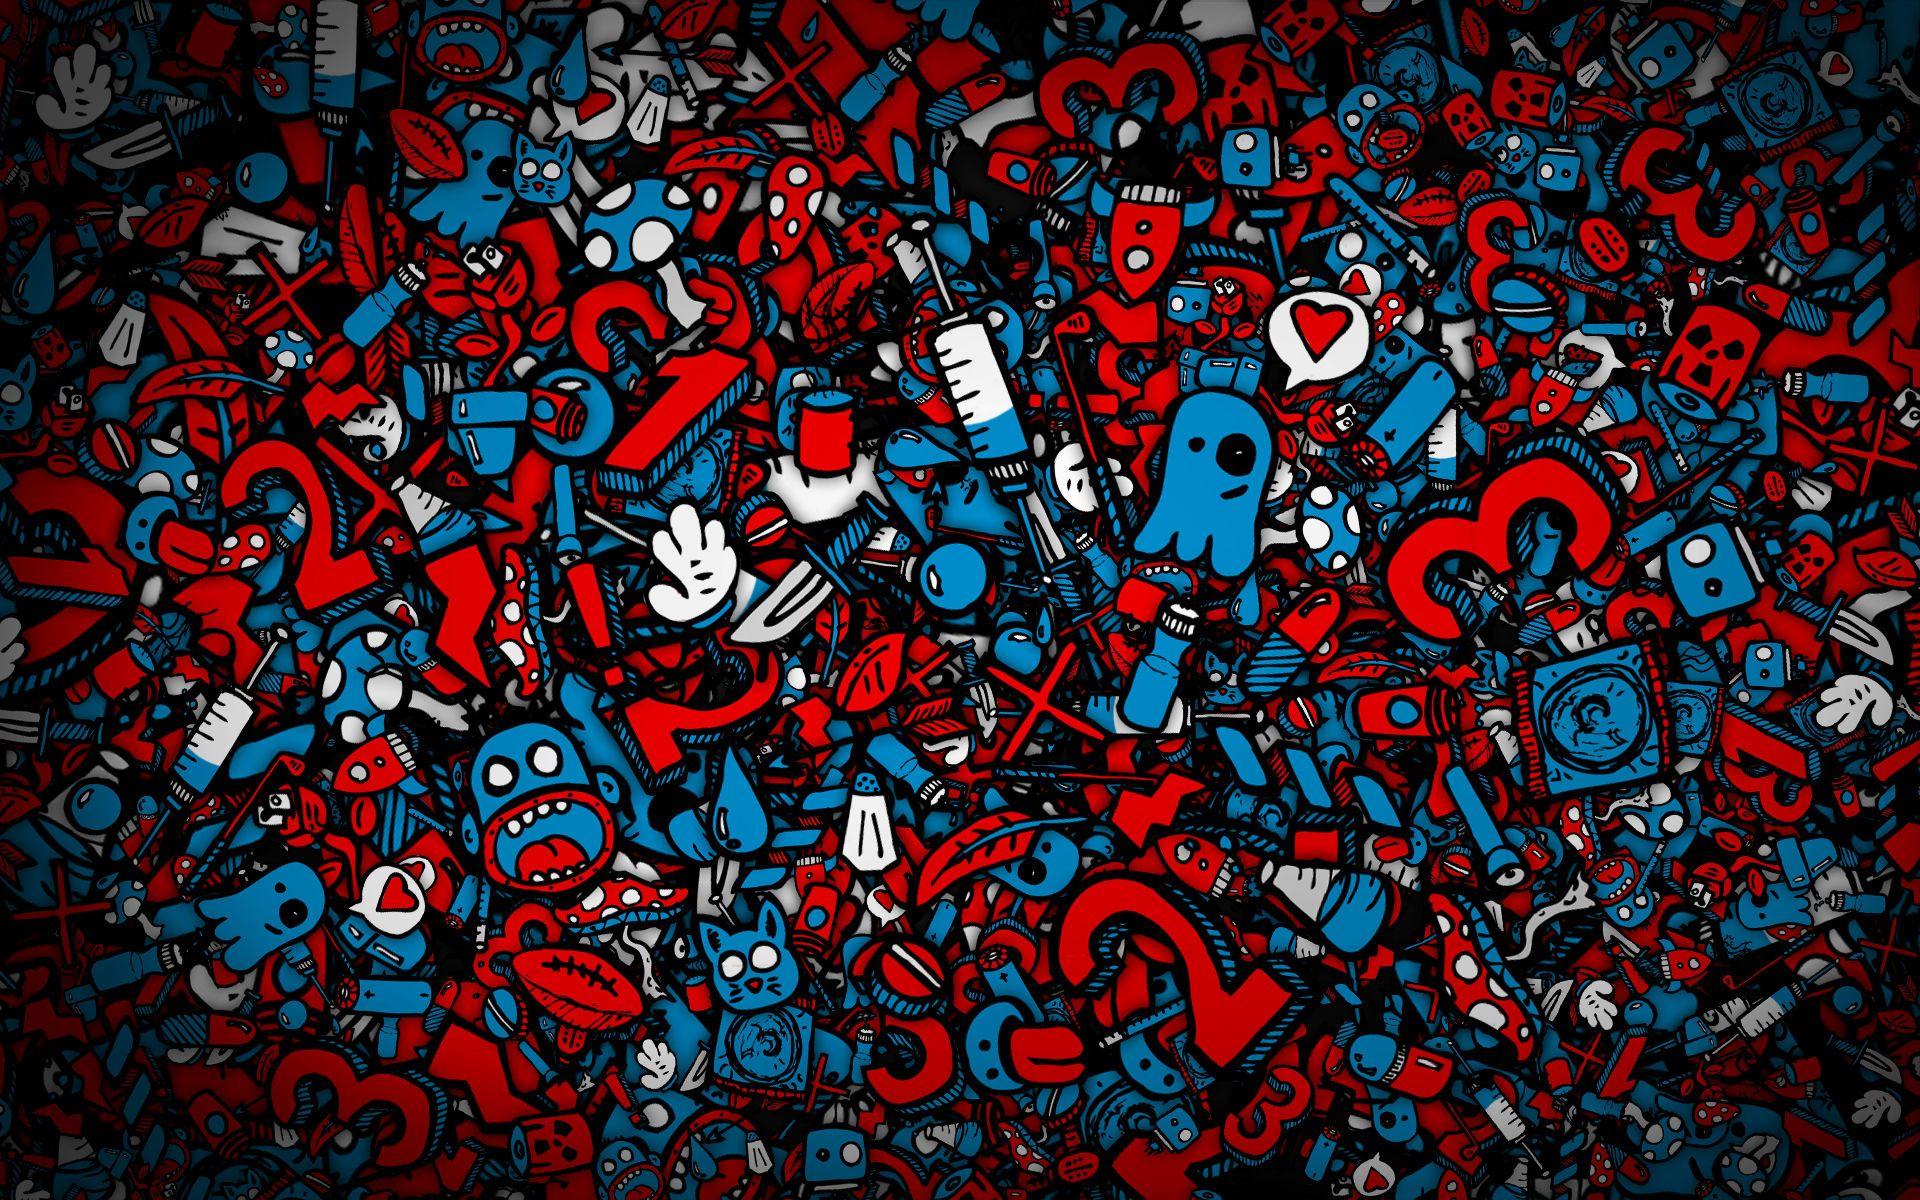 Wallpaper Graffiti LTD Android Apps on Google Play Карты